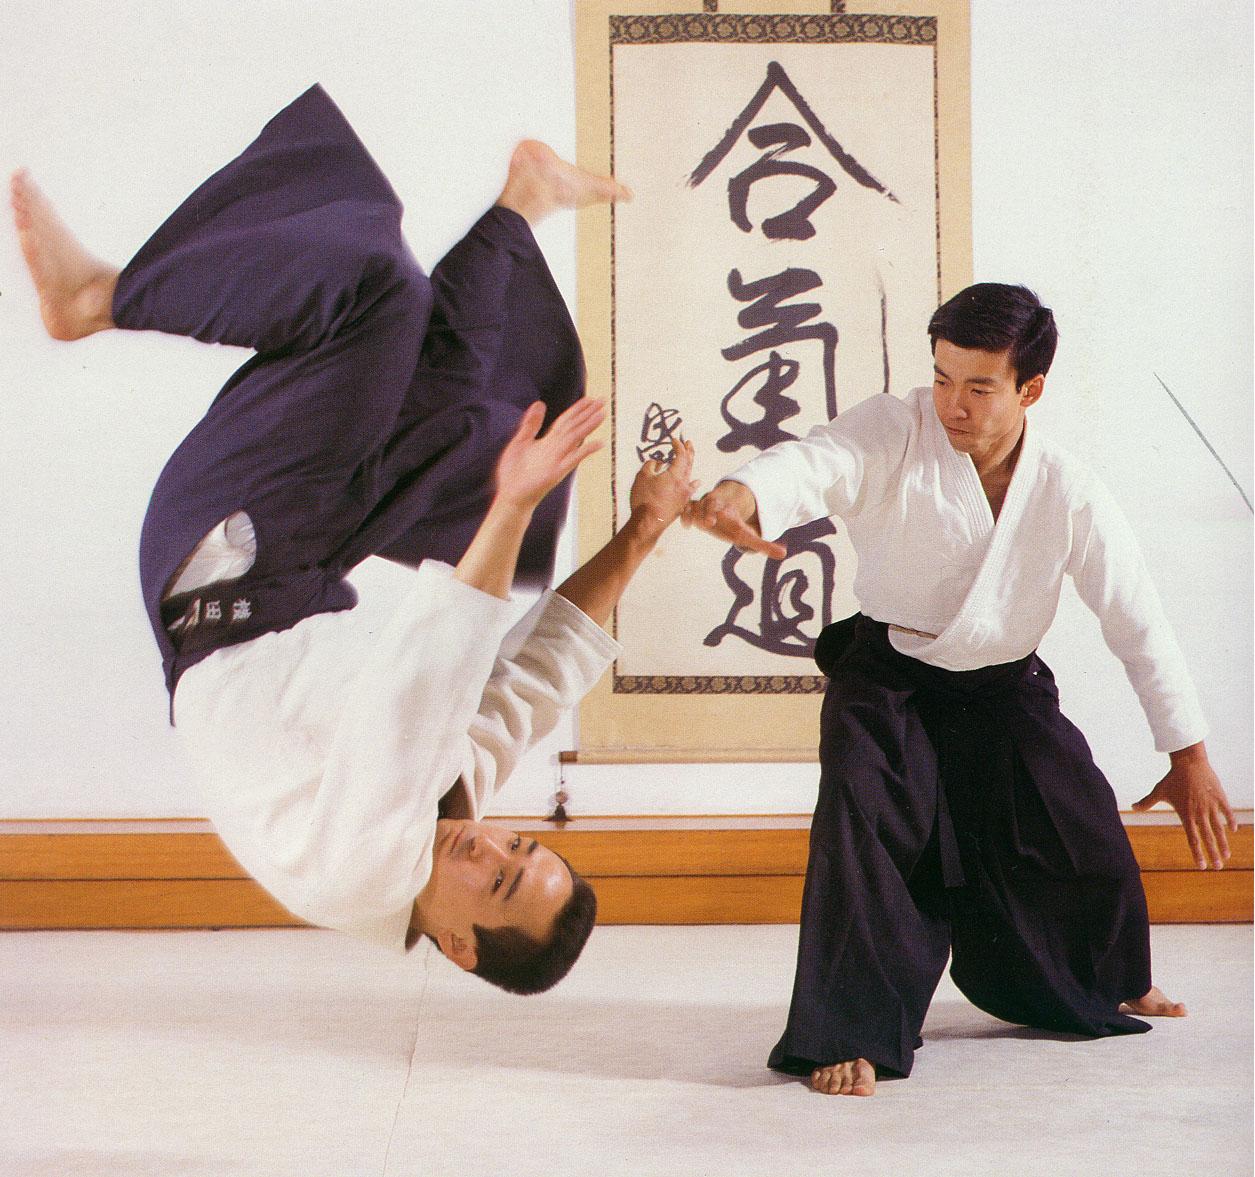 айкидо тренировки однаму